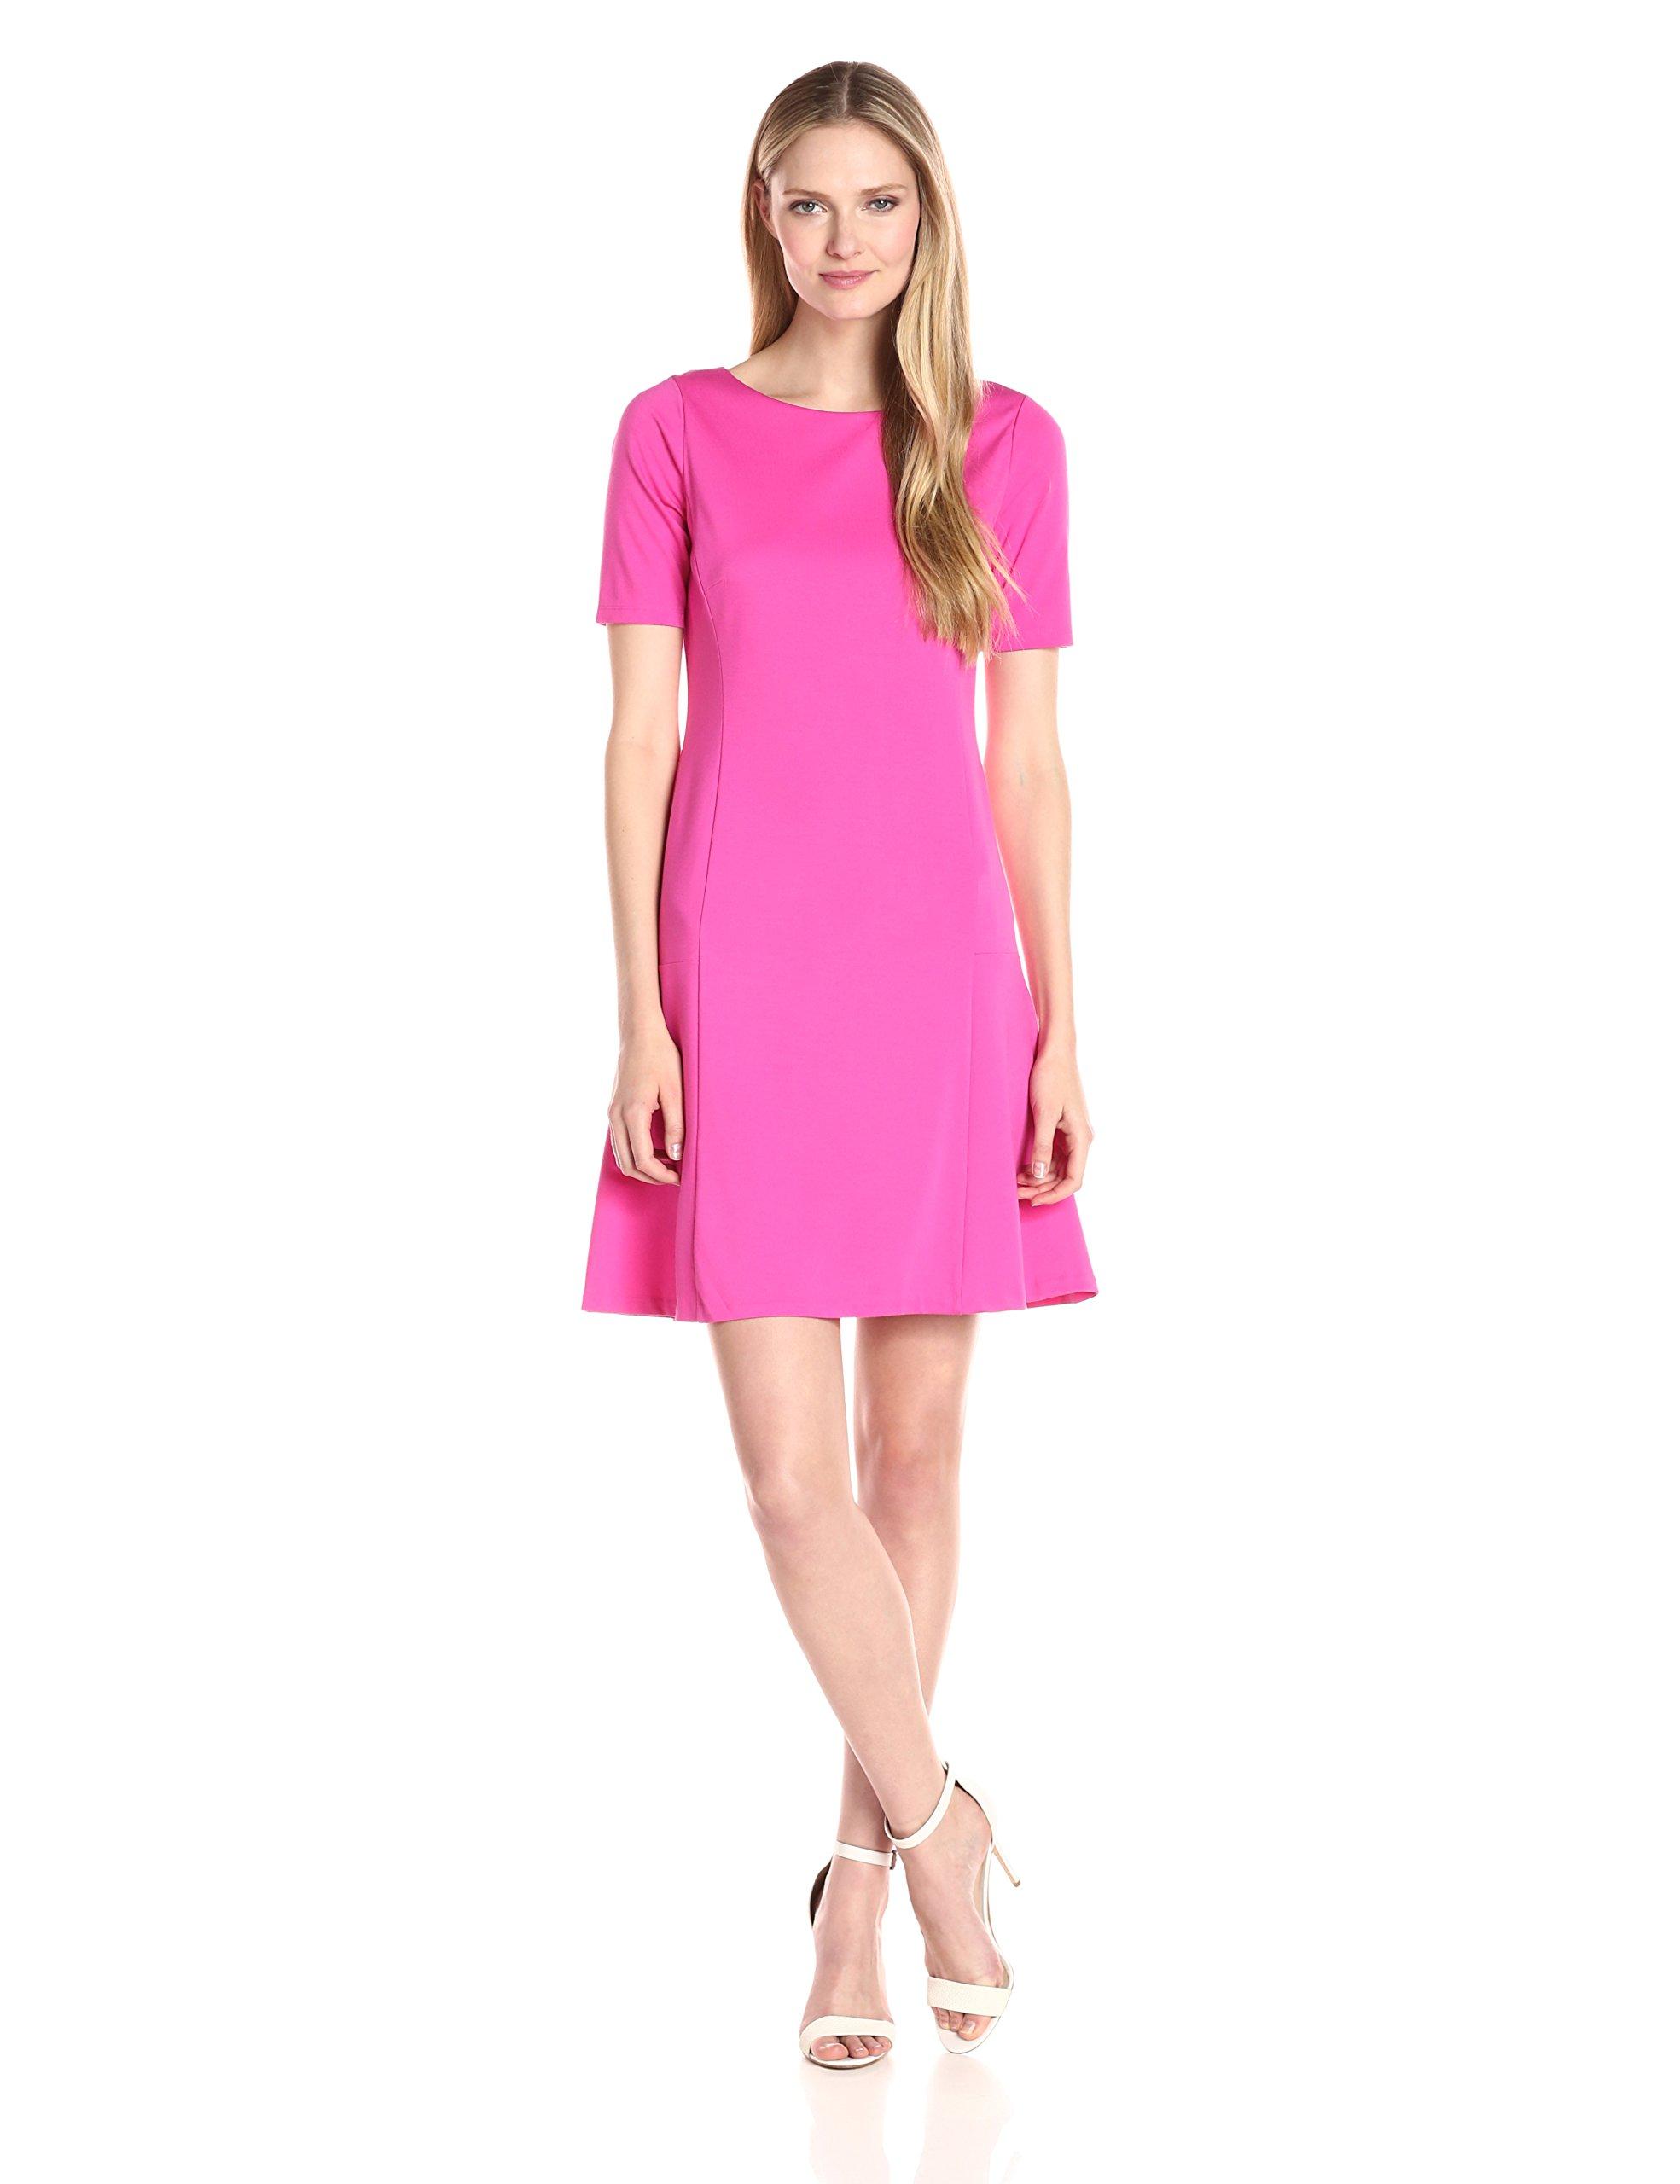 Ellen Tracy Women's Elbow Sleeve Flounce Dress, Pink Tulip, L by Ellen Tracy